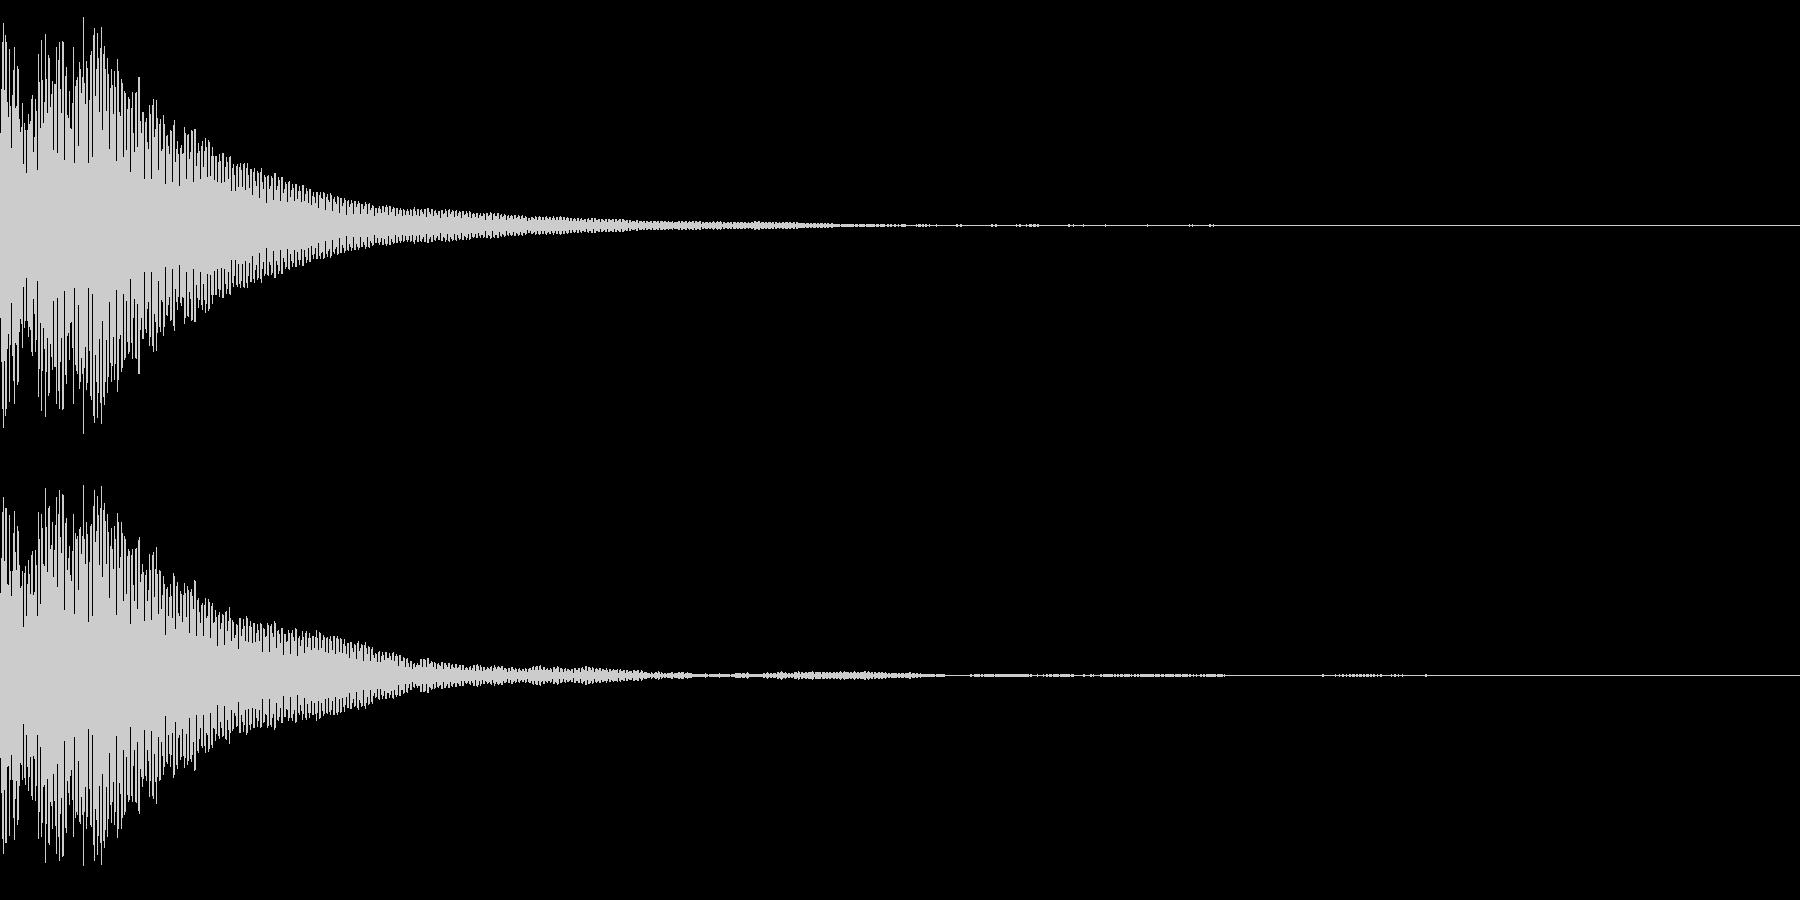 「ぽん」というタップ音の未再生の波形